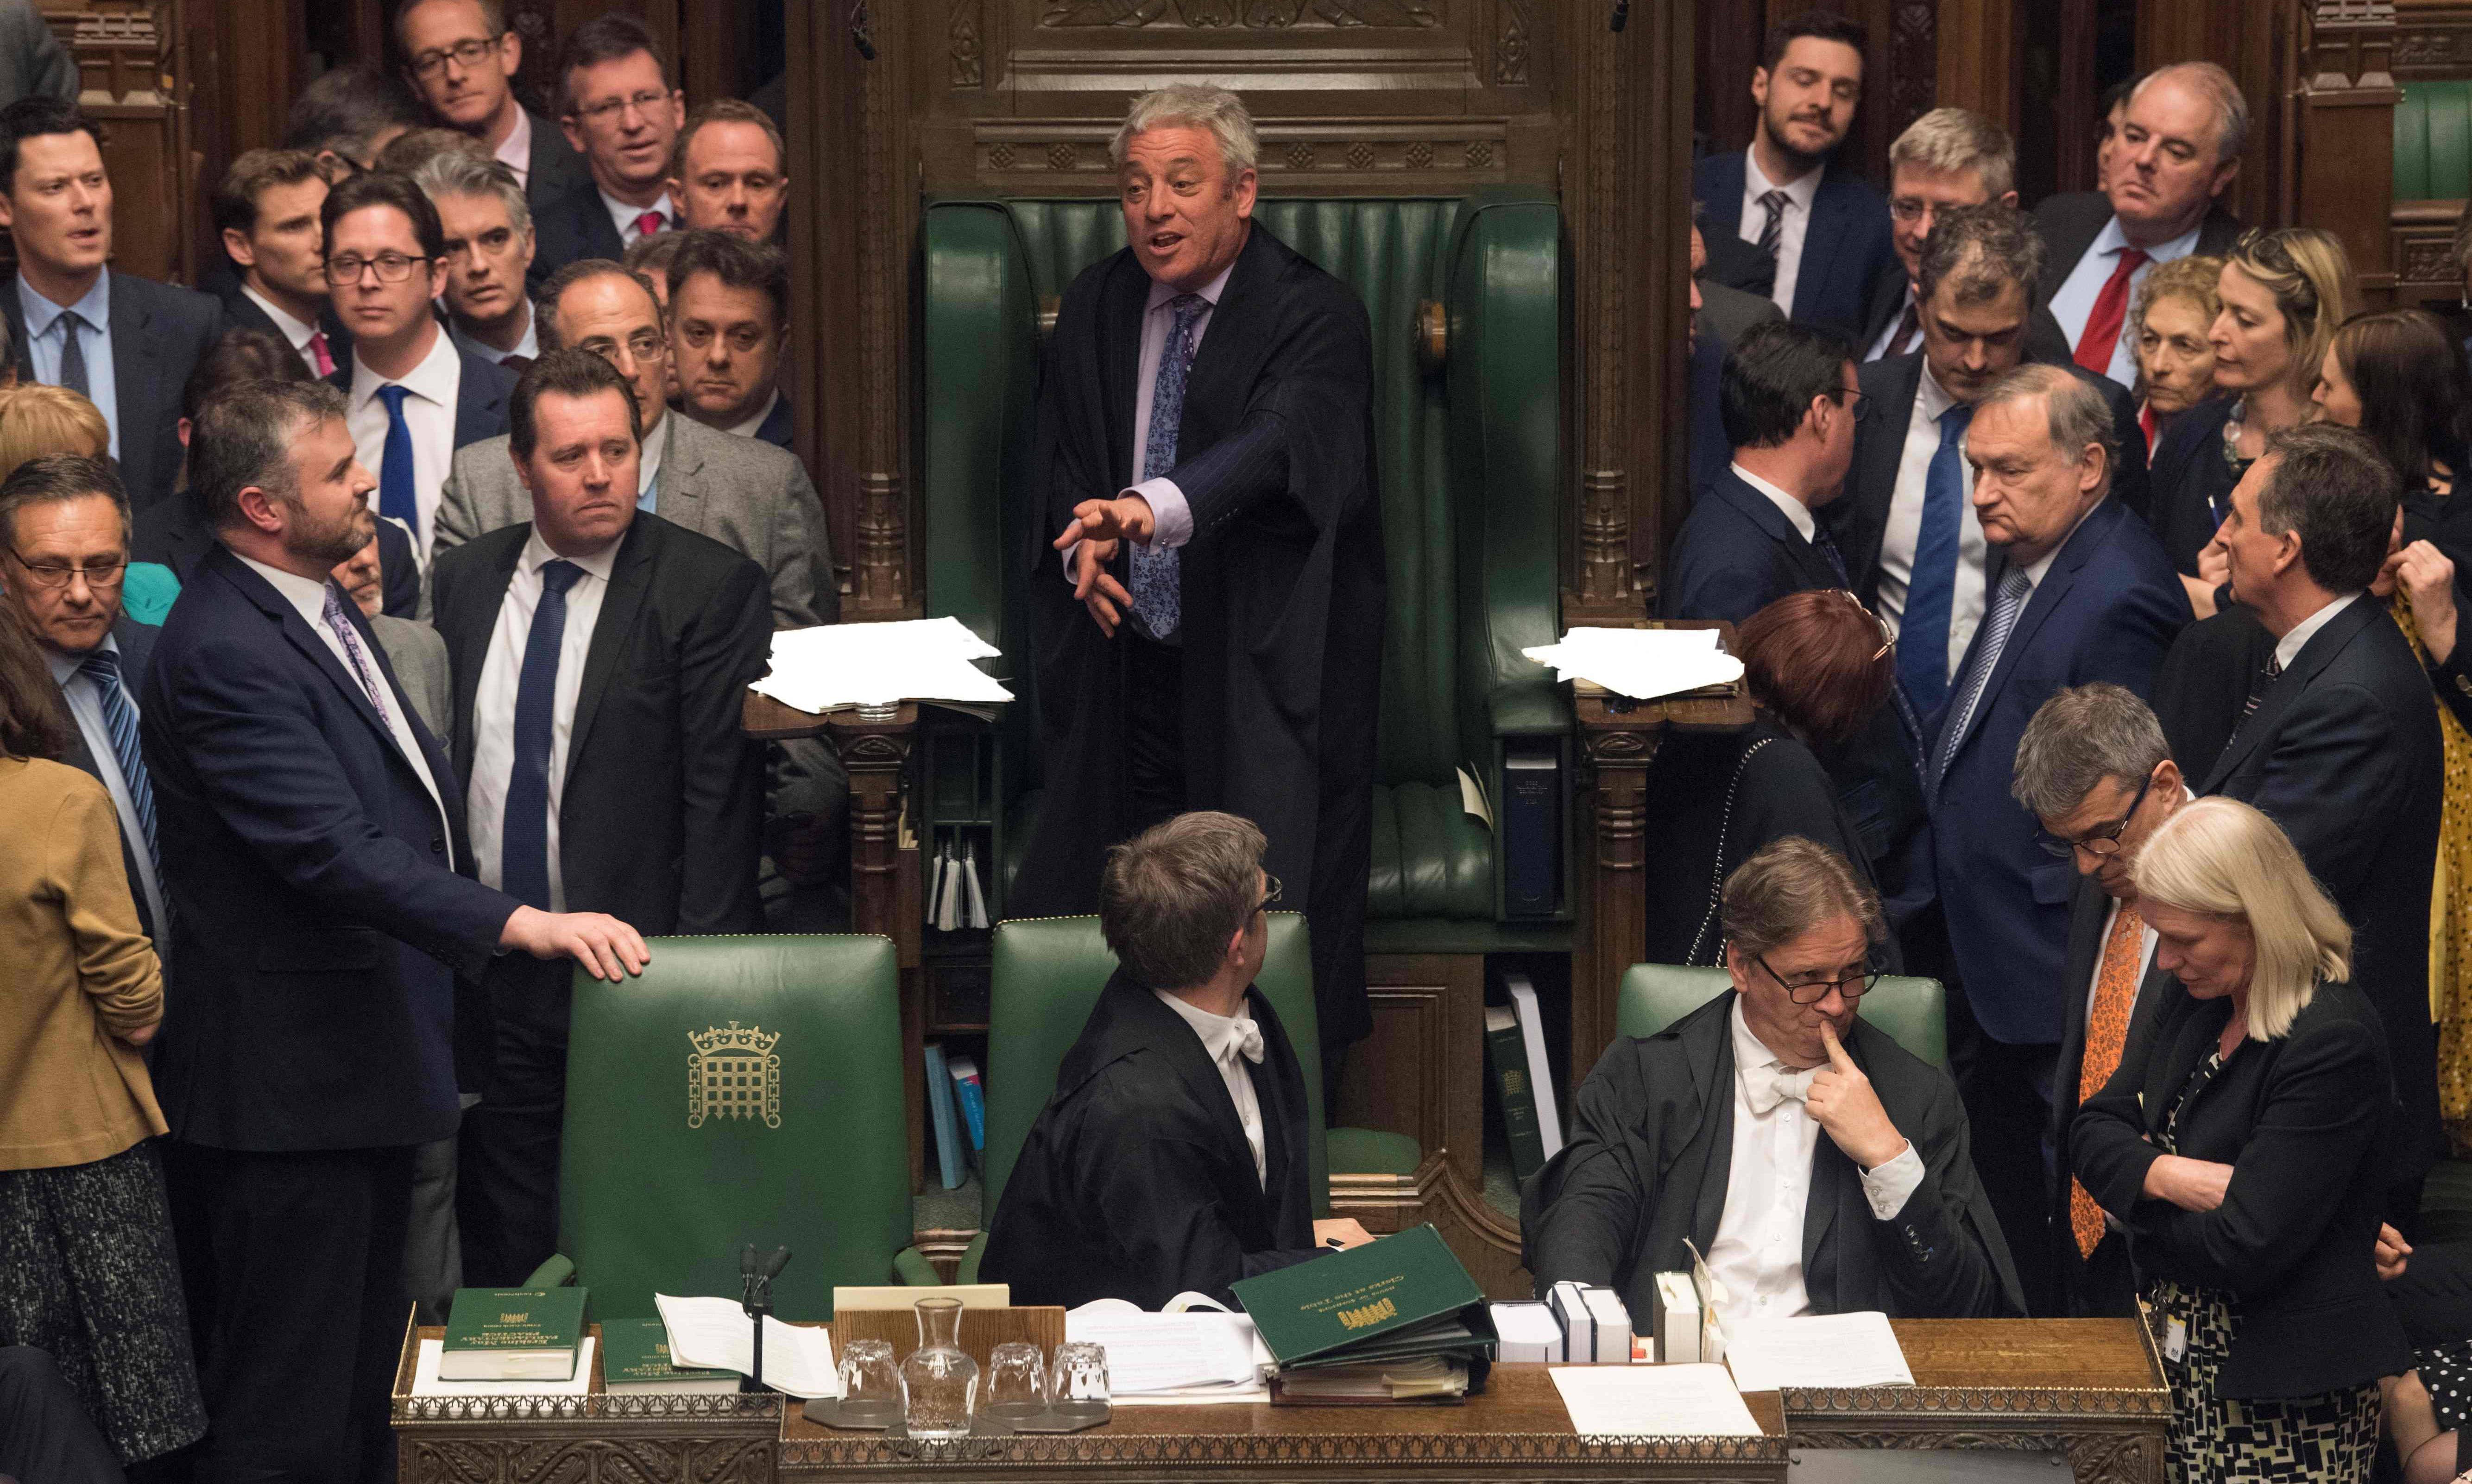 £1.3m in bonuses paid to Brexit department civil servants